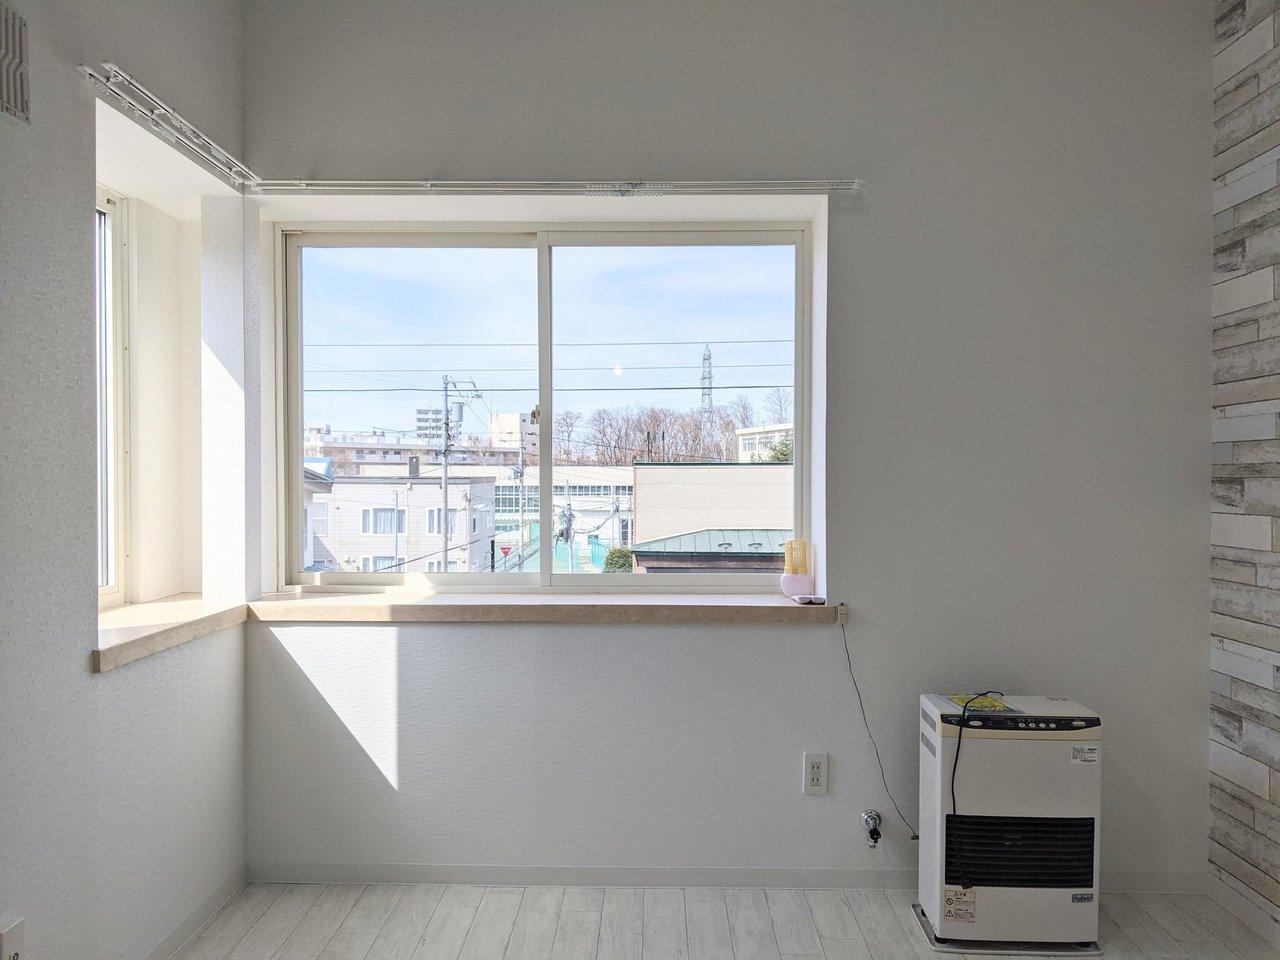 室内は白を基調としていて、二面に窓があります。周辺に大きな建物がないので、見晴らしもいいですよ。